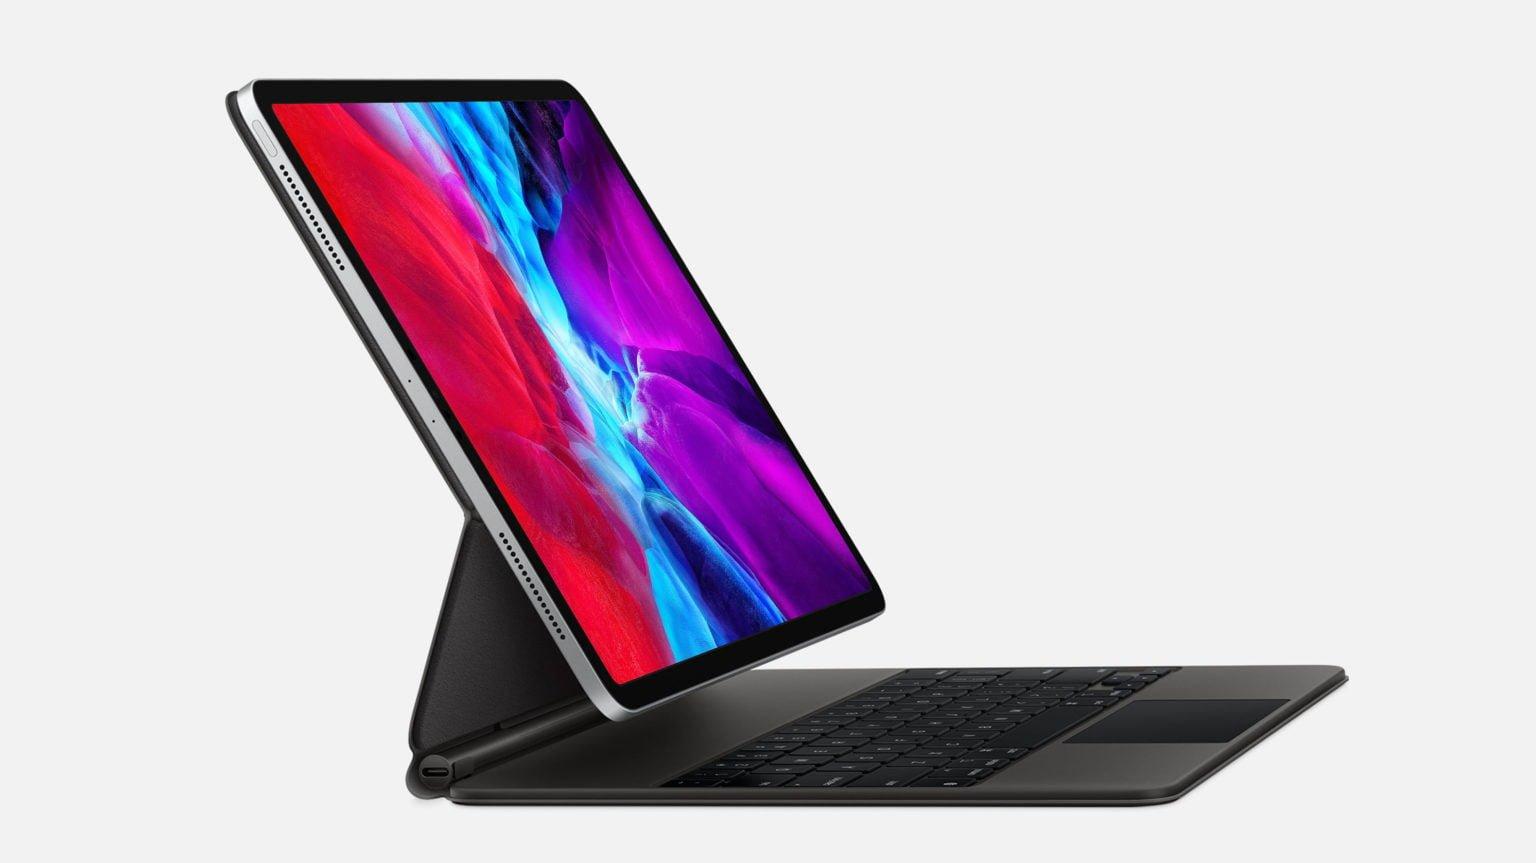 Mirip Komputer, Berapa Harga iPad Pro 2020? - Pelantar